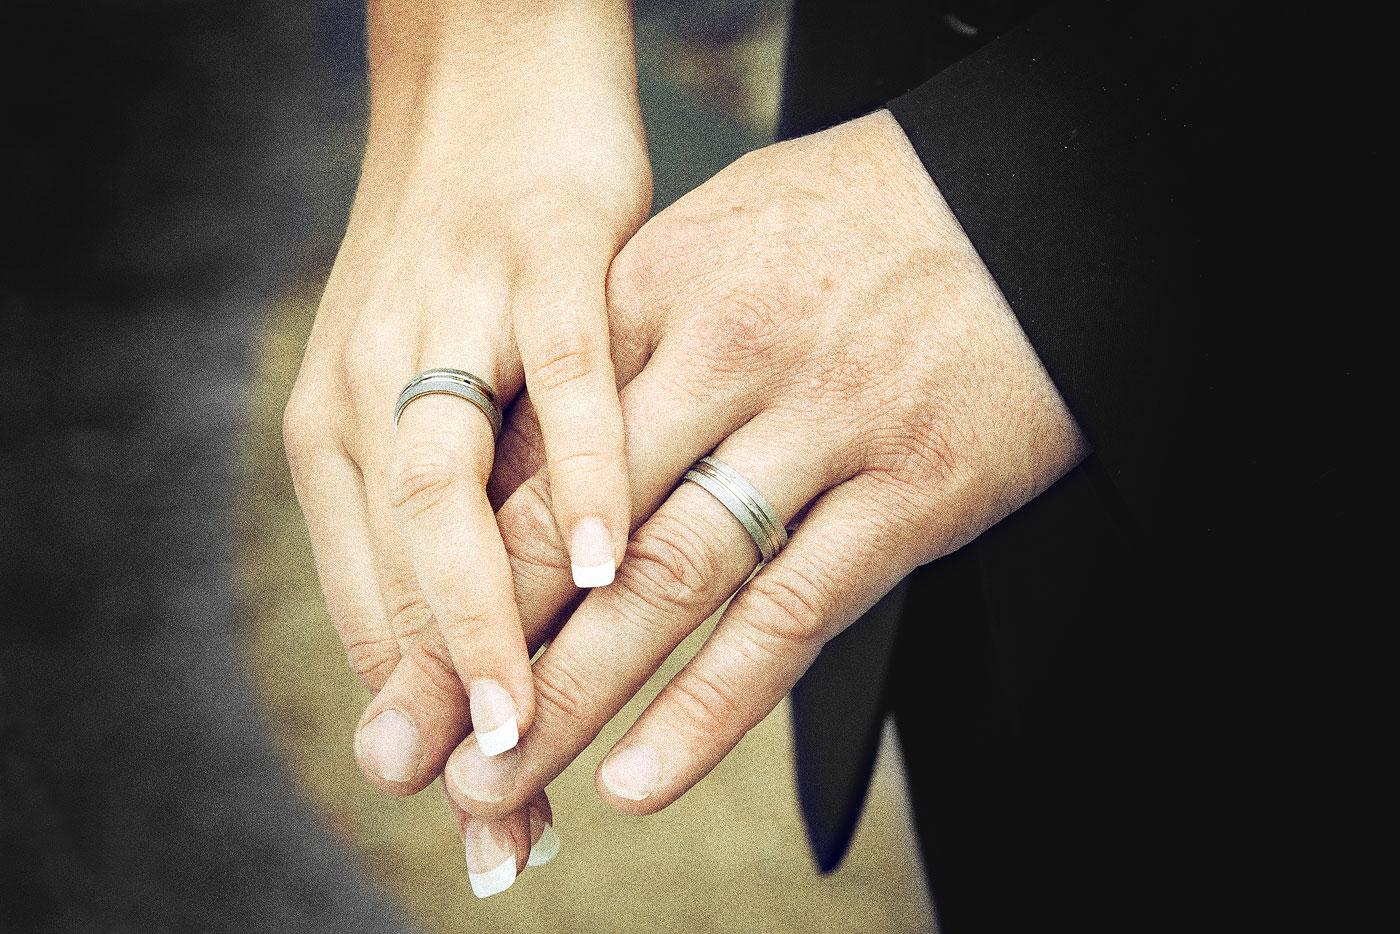 Svatební prstýnky - svatební fotograf Daniel Rataj